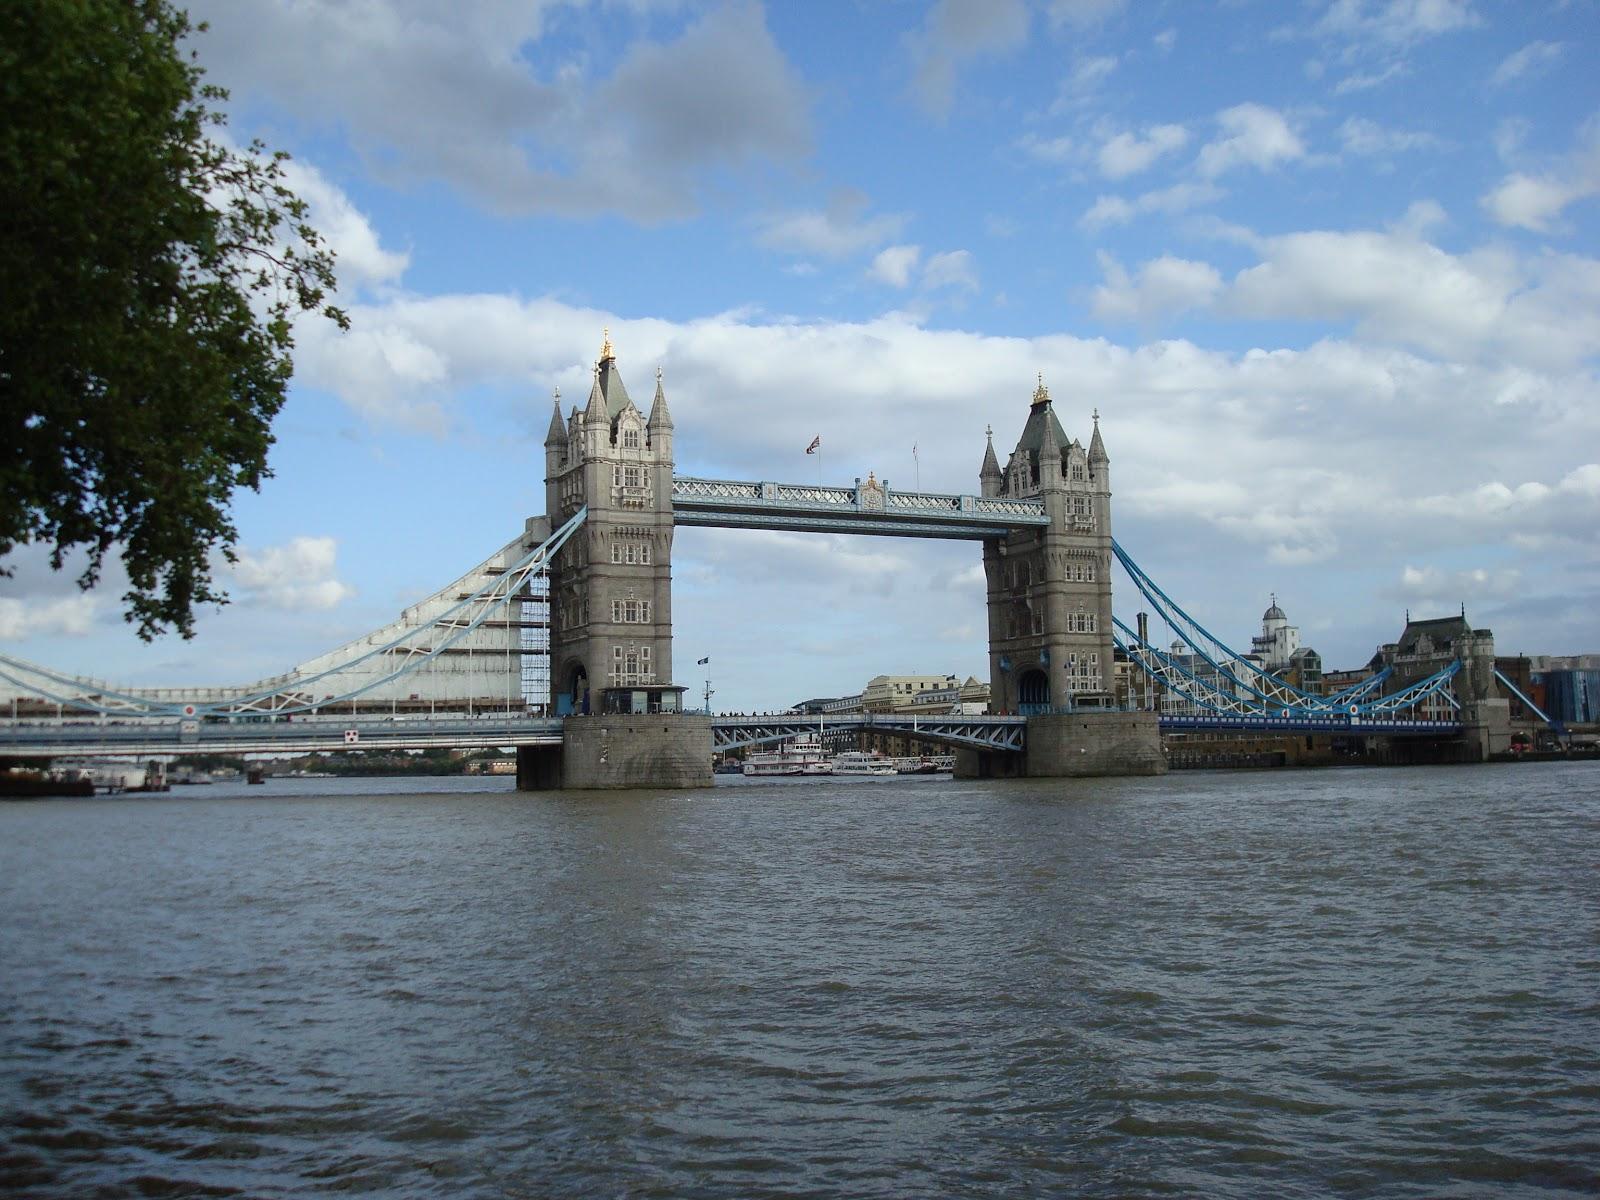 visionphotorama la prison et le pont de londres london prison and tower bridge. Black Bedroom Furniture Sets. Home Design Ideas